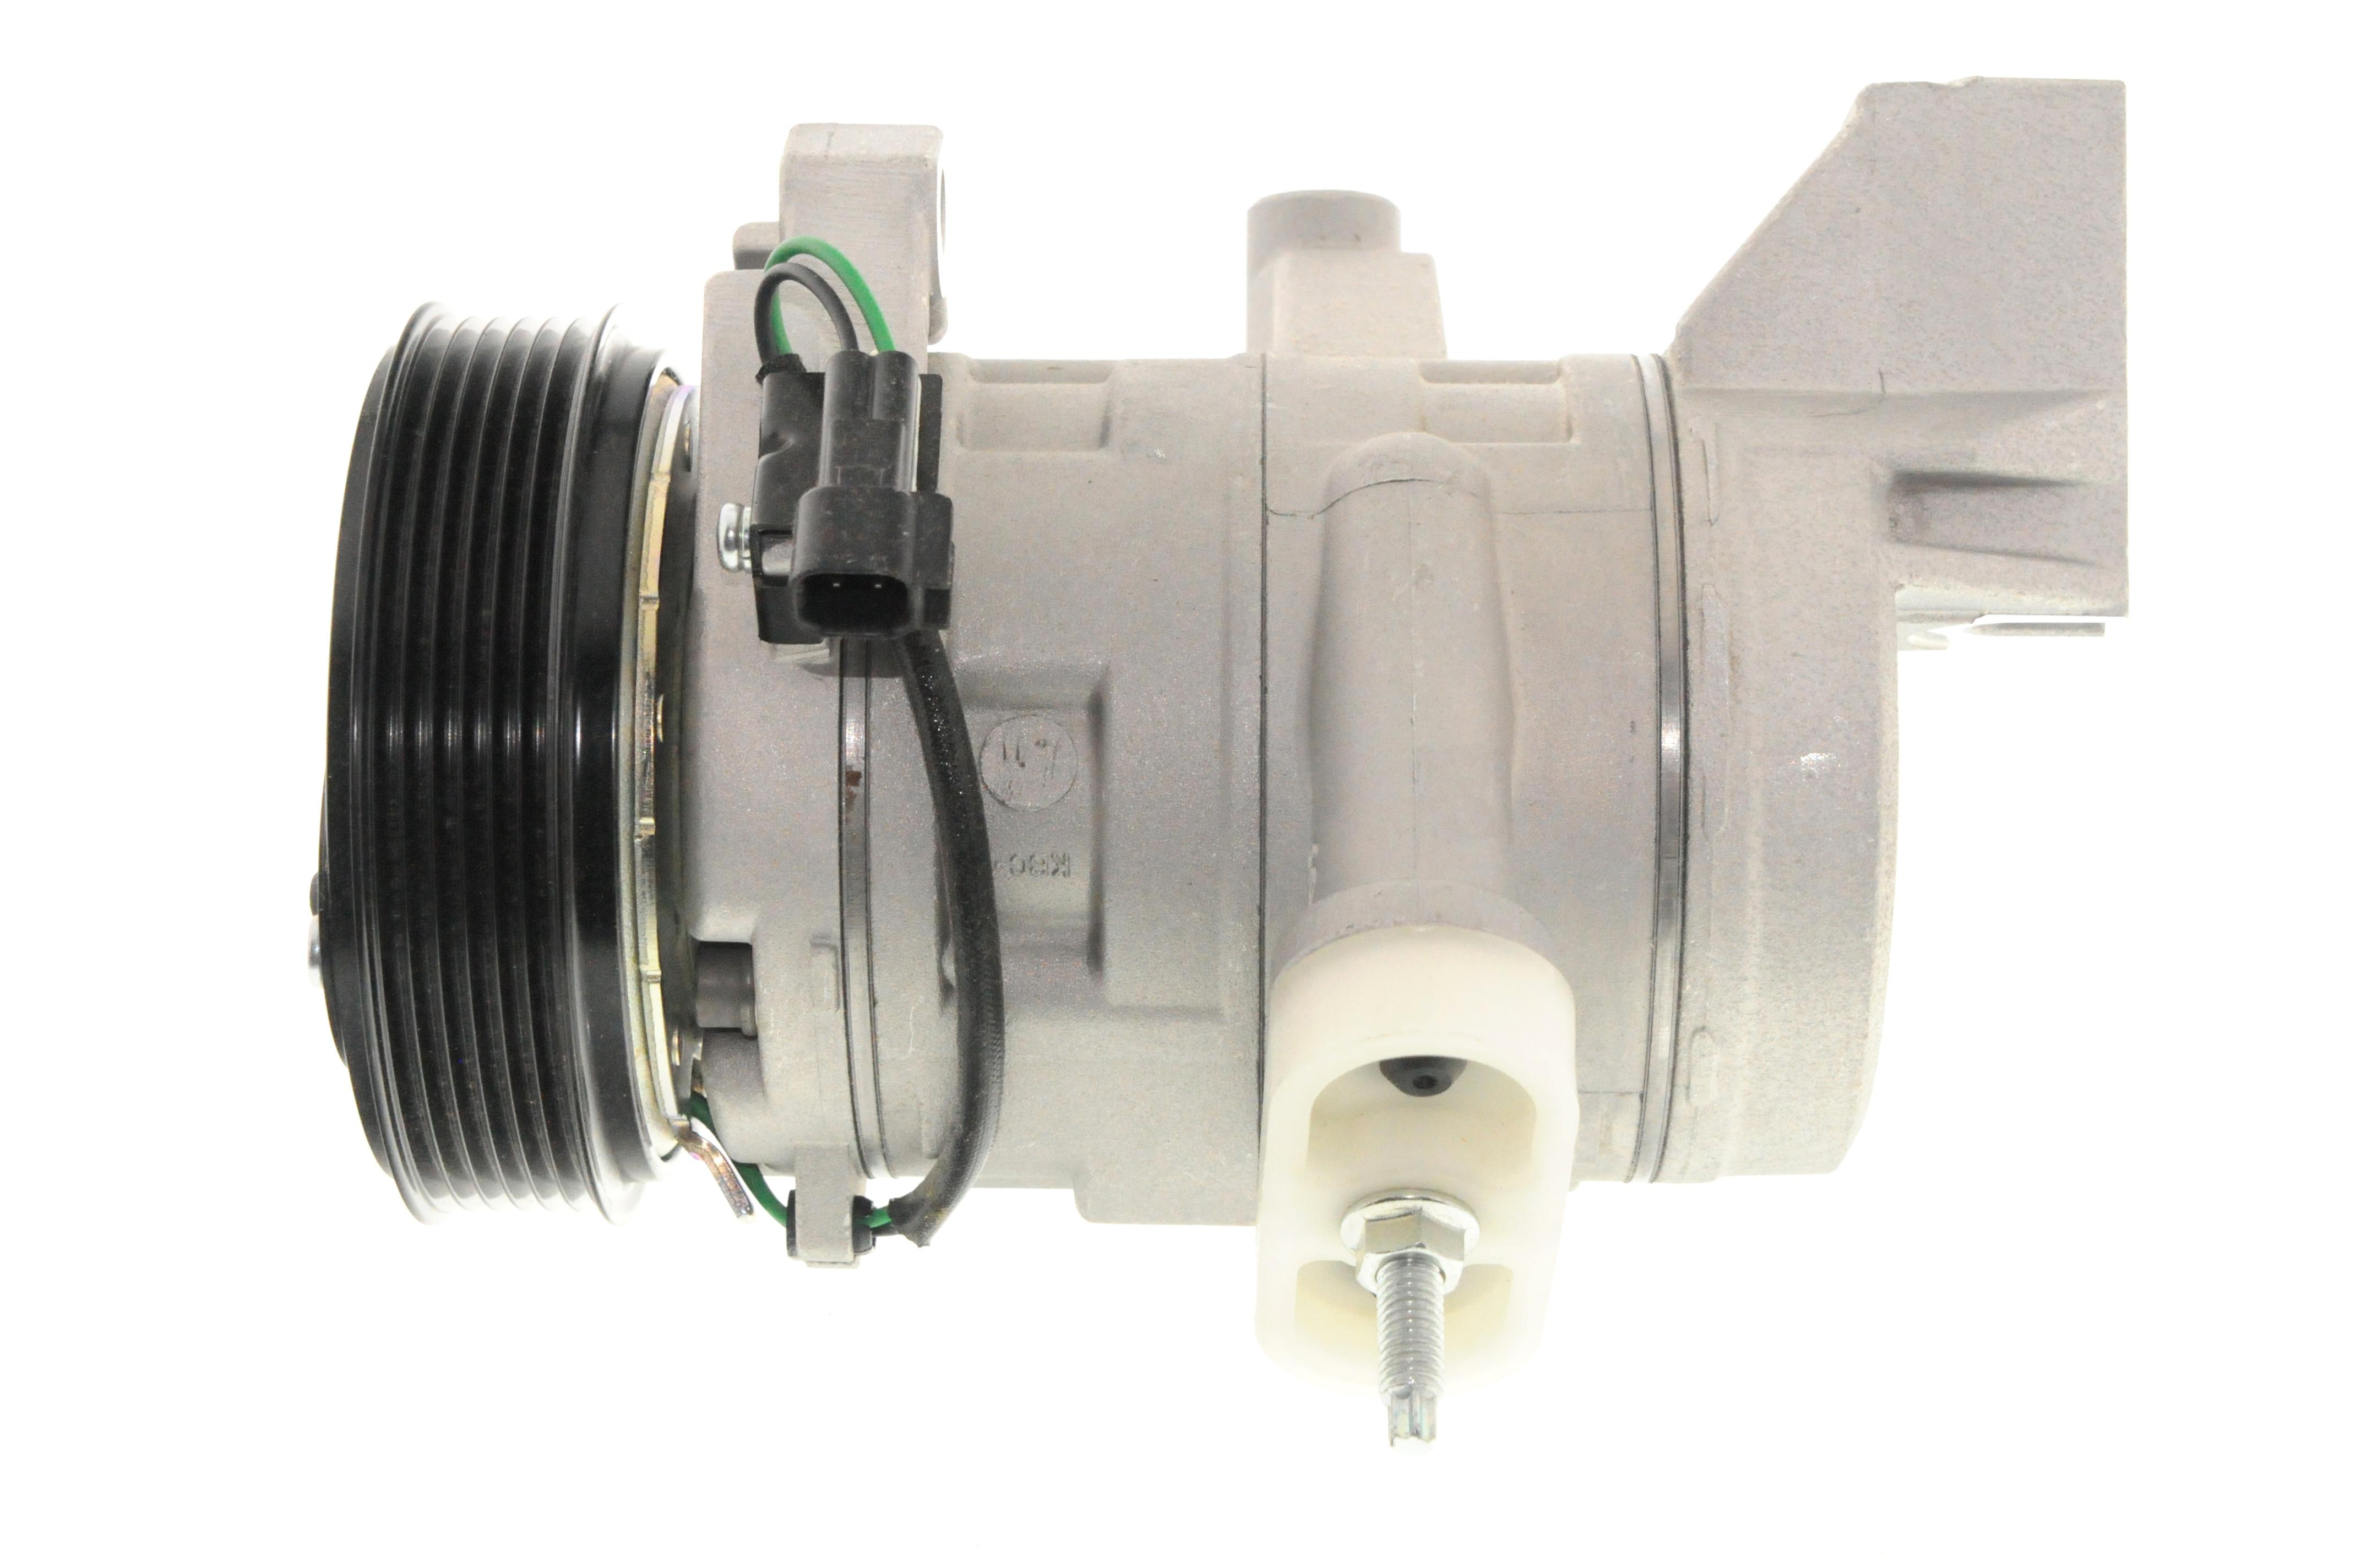 ACDELCO GM ORIGINAL EQUIPMENT CANADA - A/C Compressor - DCG 15-21590